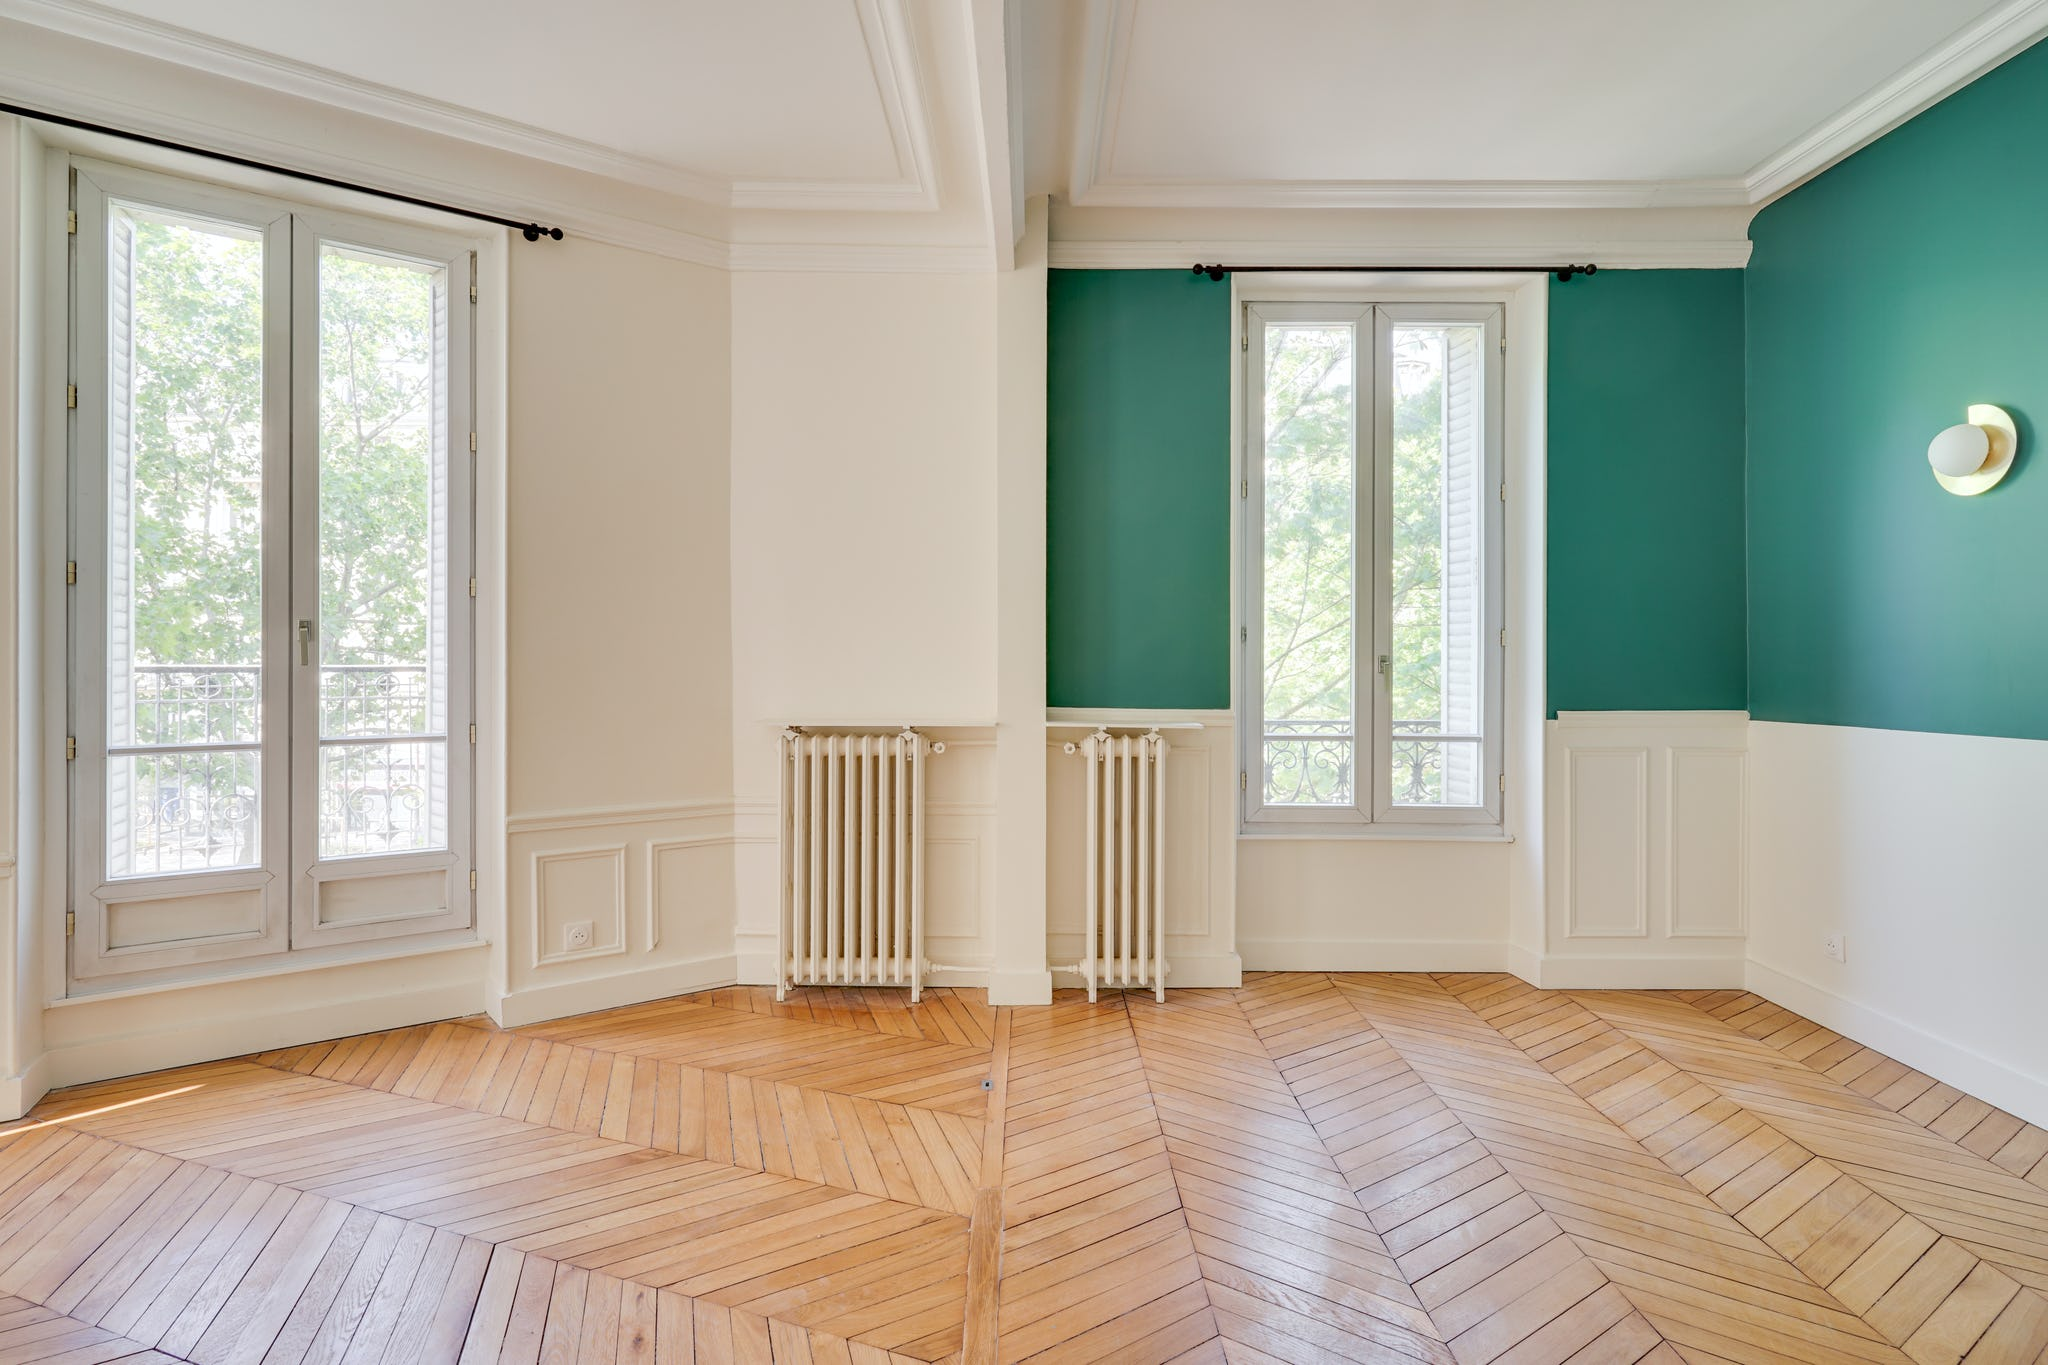 rénovation parquet, sols murs et peinture